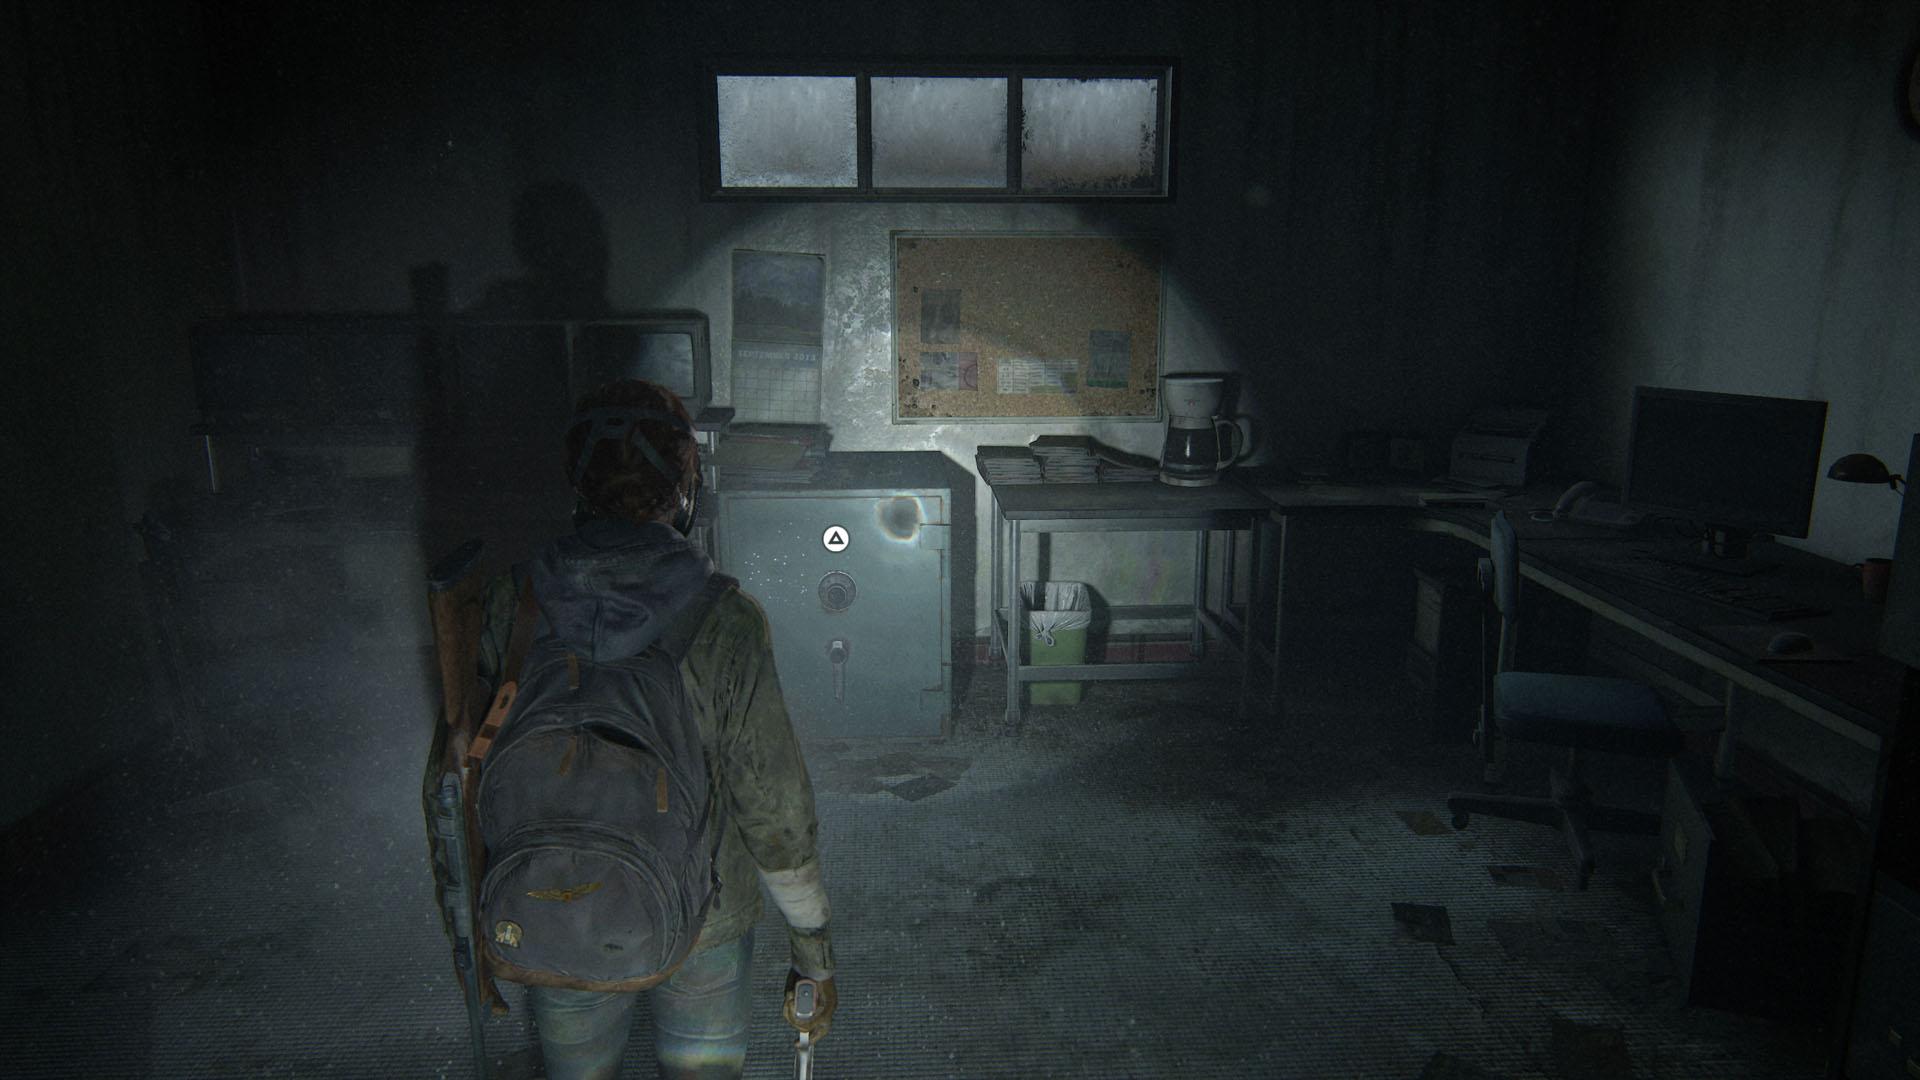 The Last of Us 2 safe codes - supermarket safe code